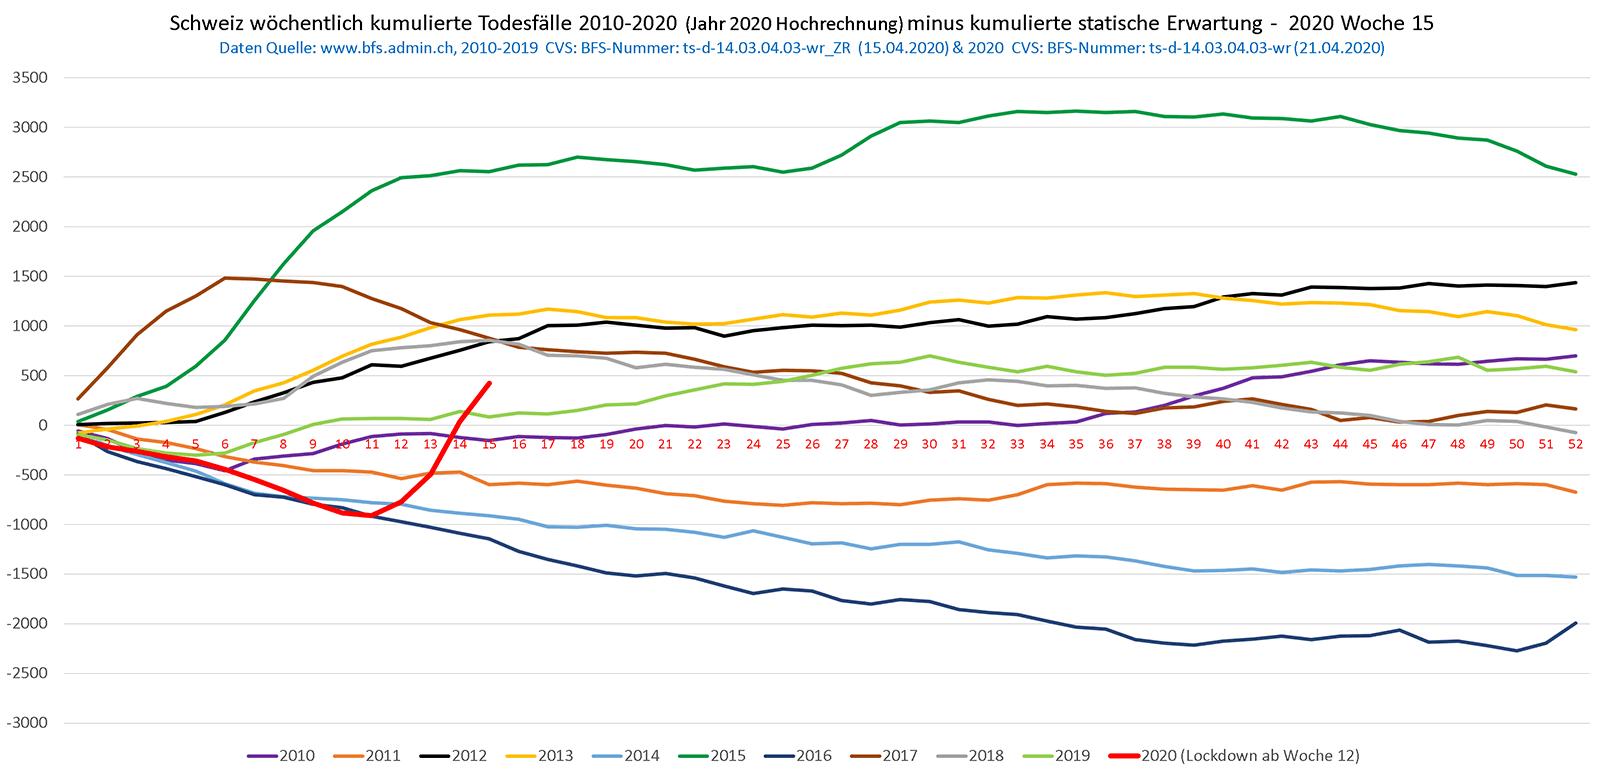 schweiz-todesfaelle-2010-2020.png